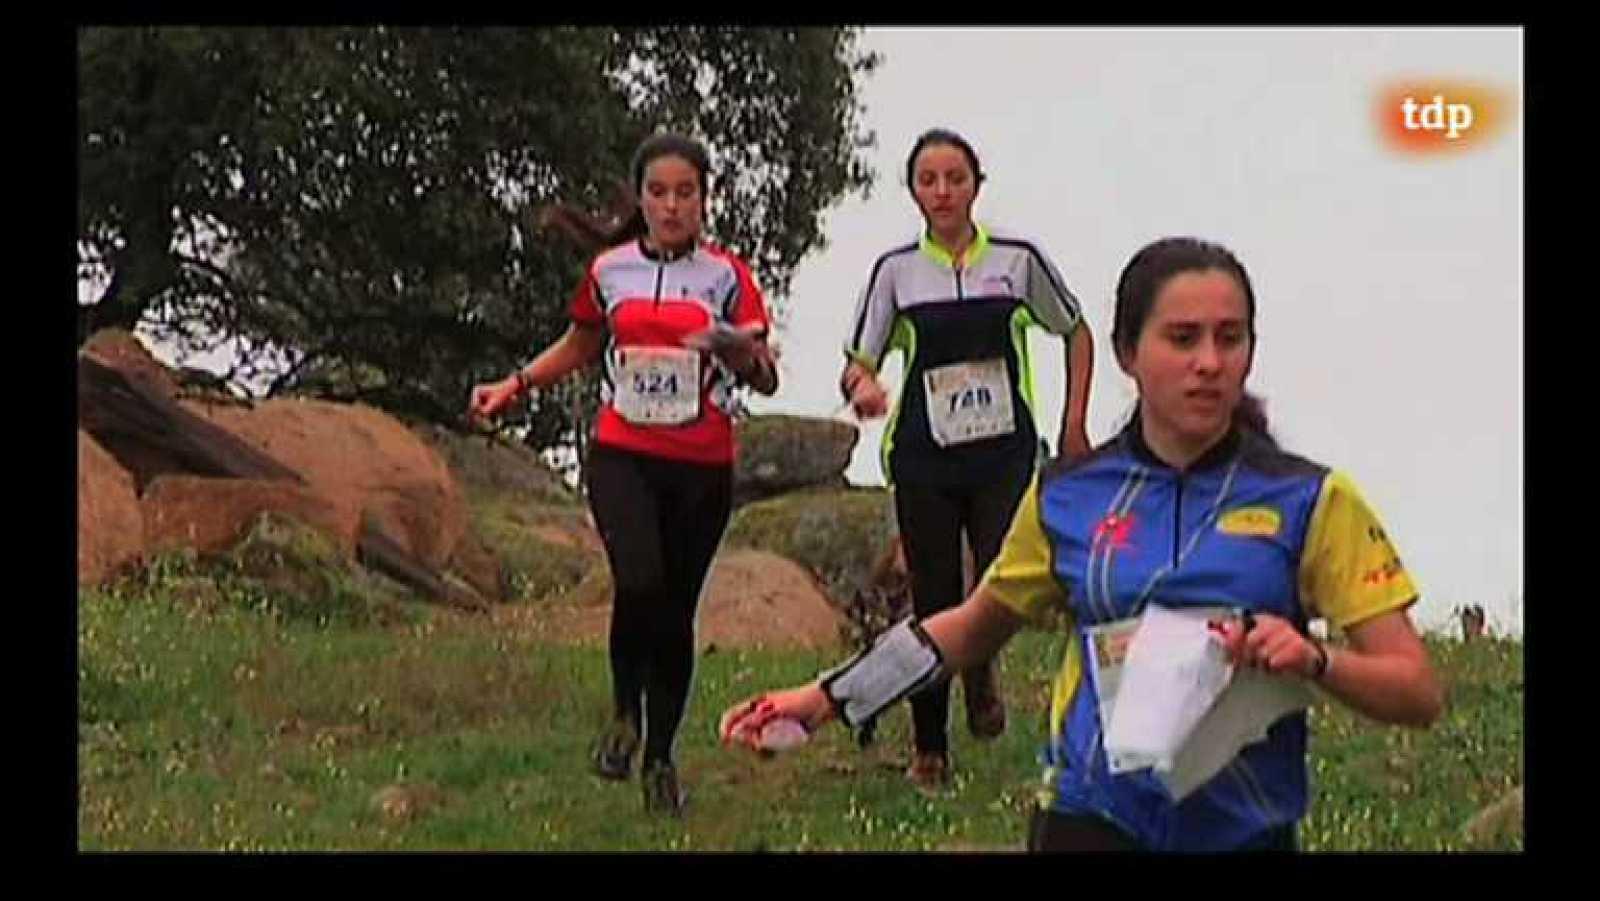 Atletismo. Carreras de orientación. Campeonato de España. Prueba Navalcan (Toledo) - Ver ahora